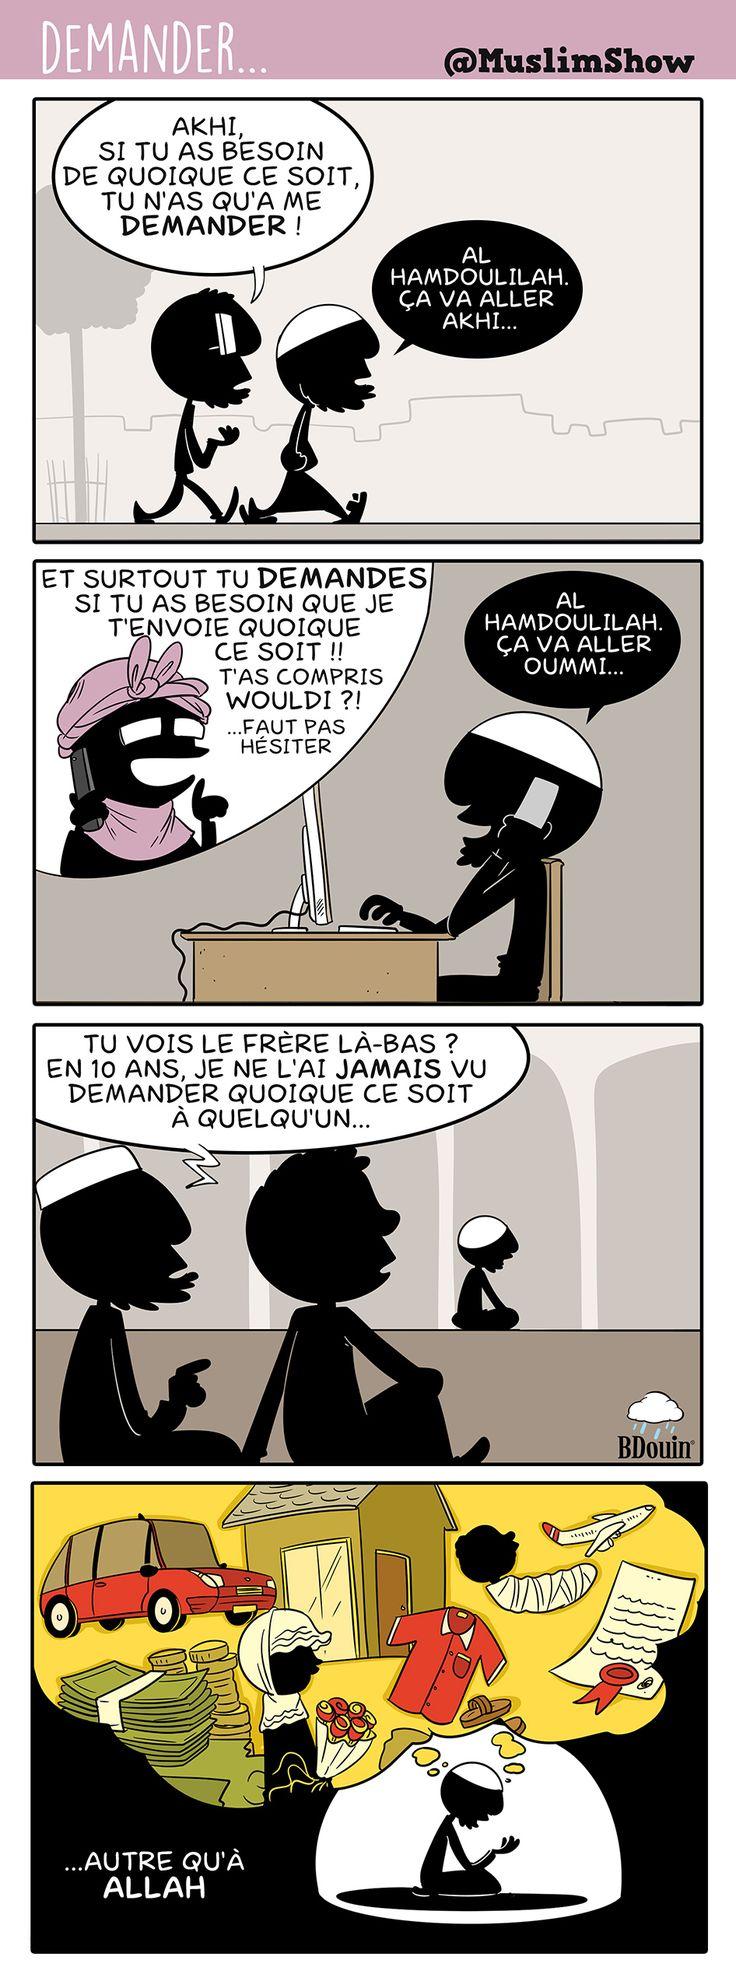 Le fait de demander à autre qu'Allah